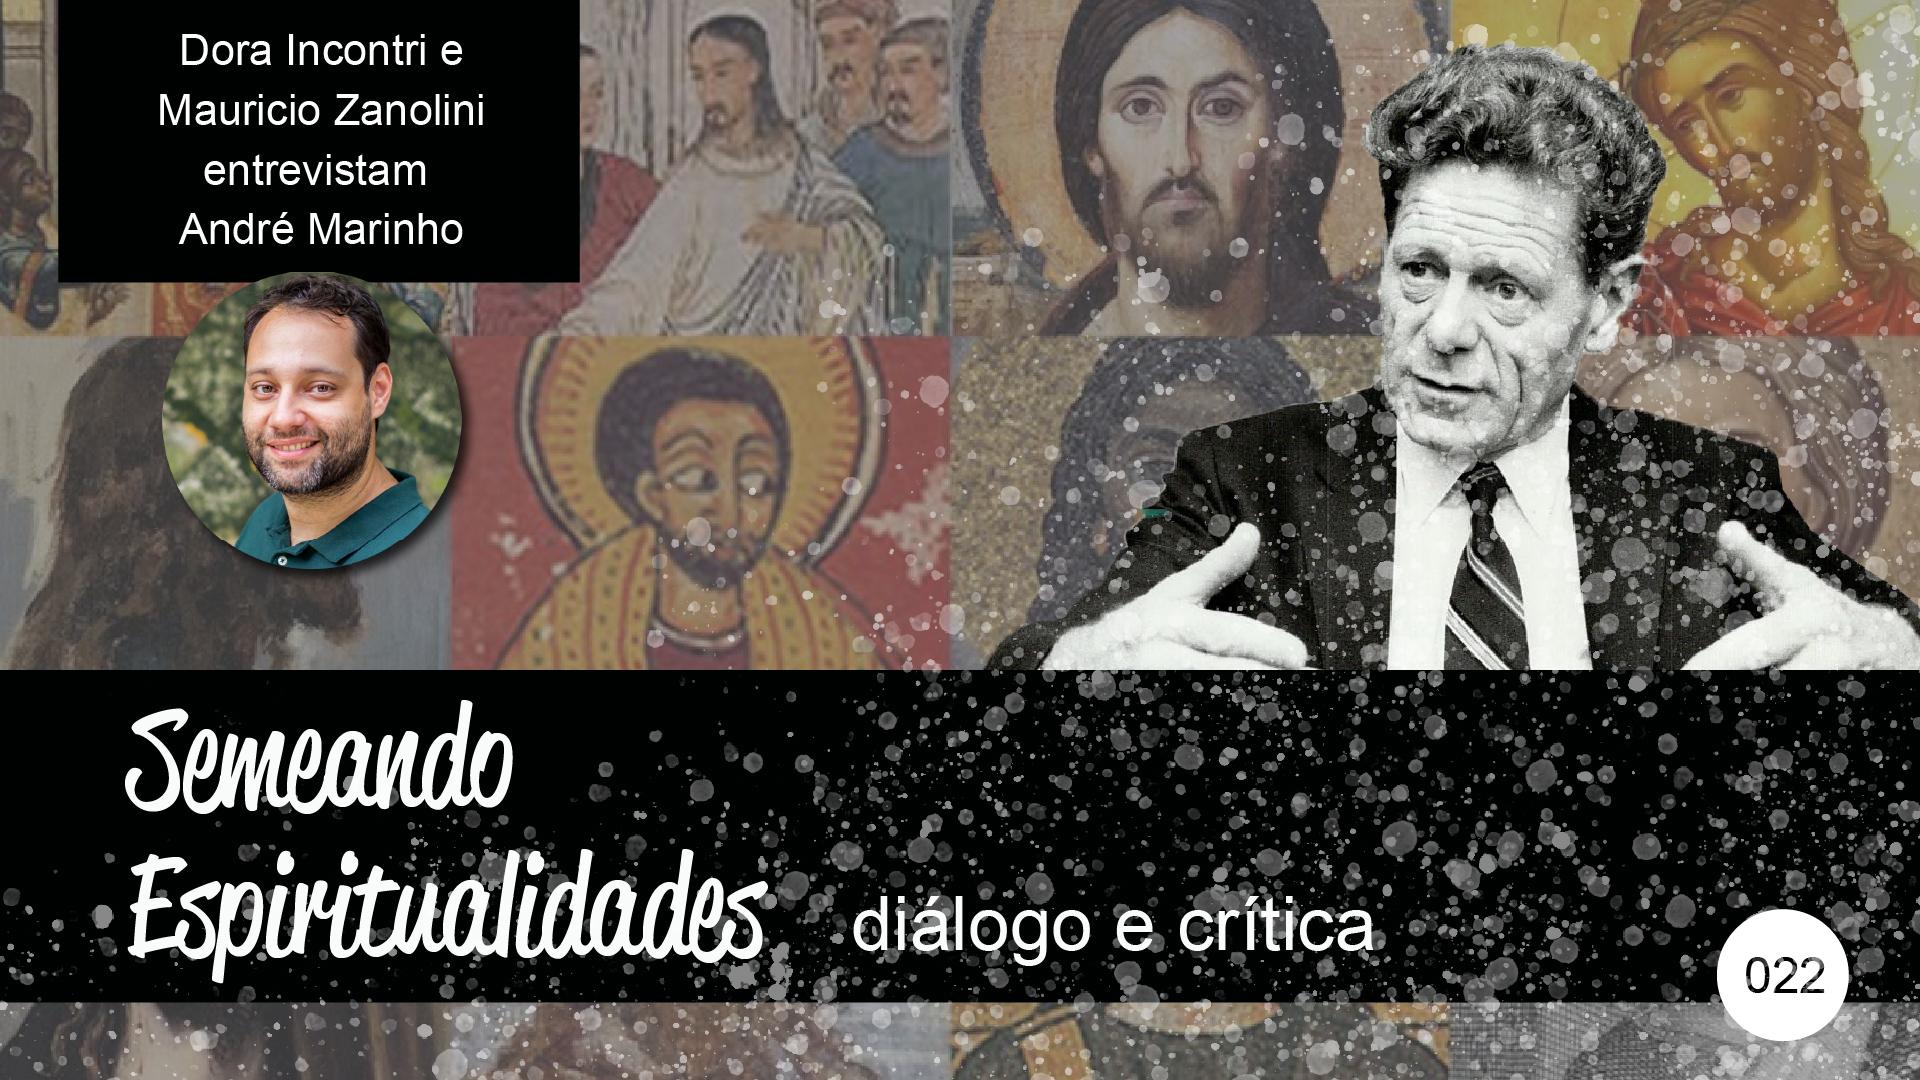 Semeando Espiritualidades – diálogo e crítica (022) – Jesus histórico e ecumênico.